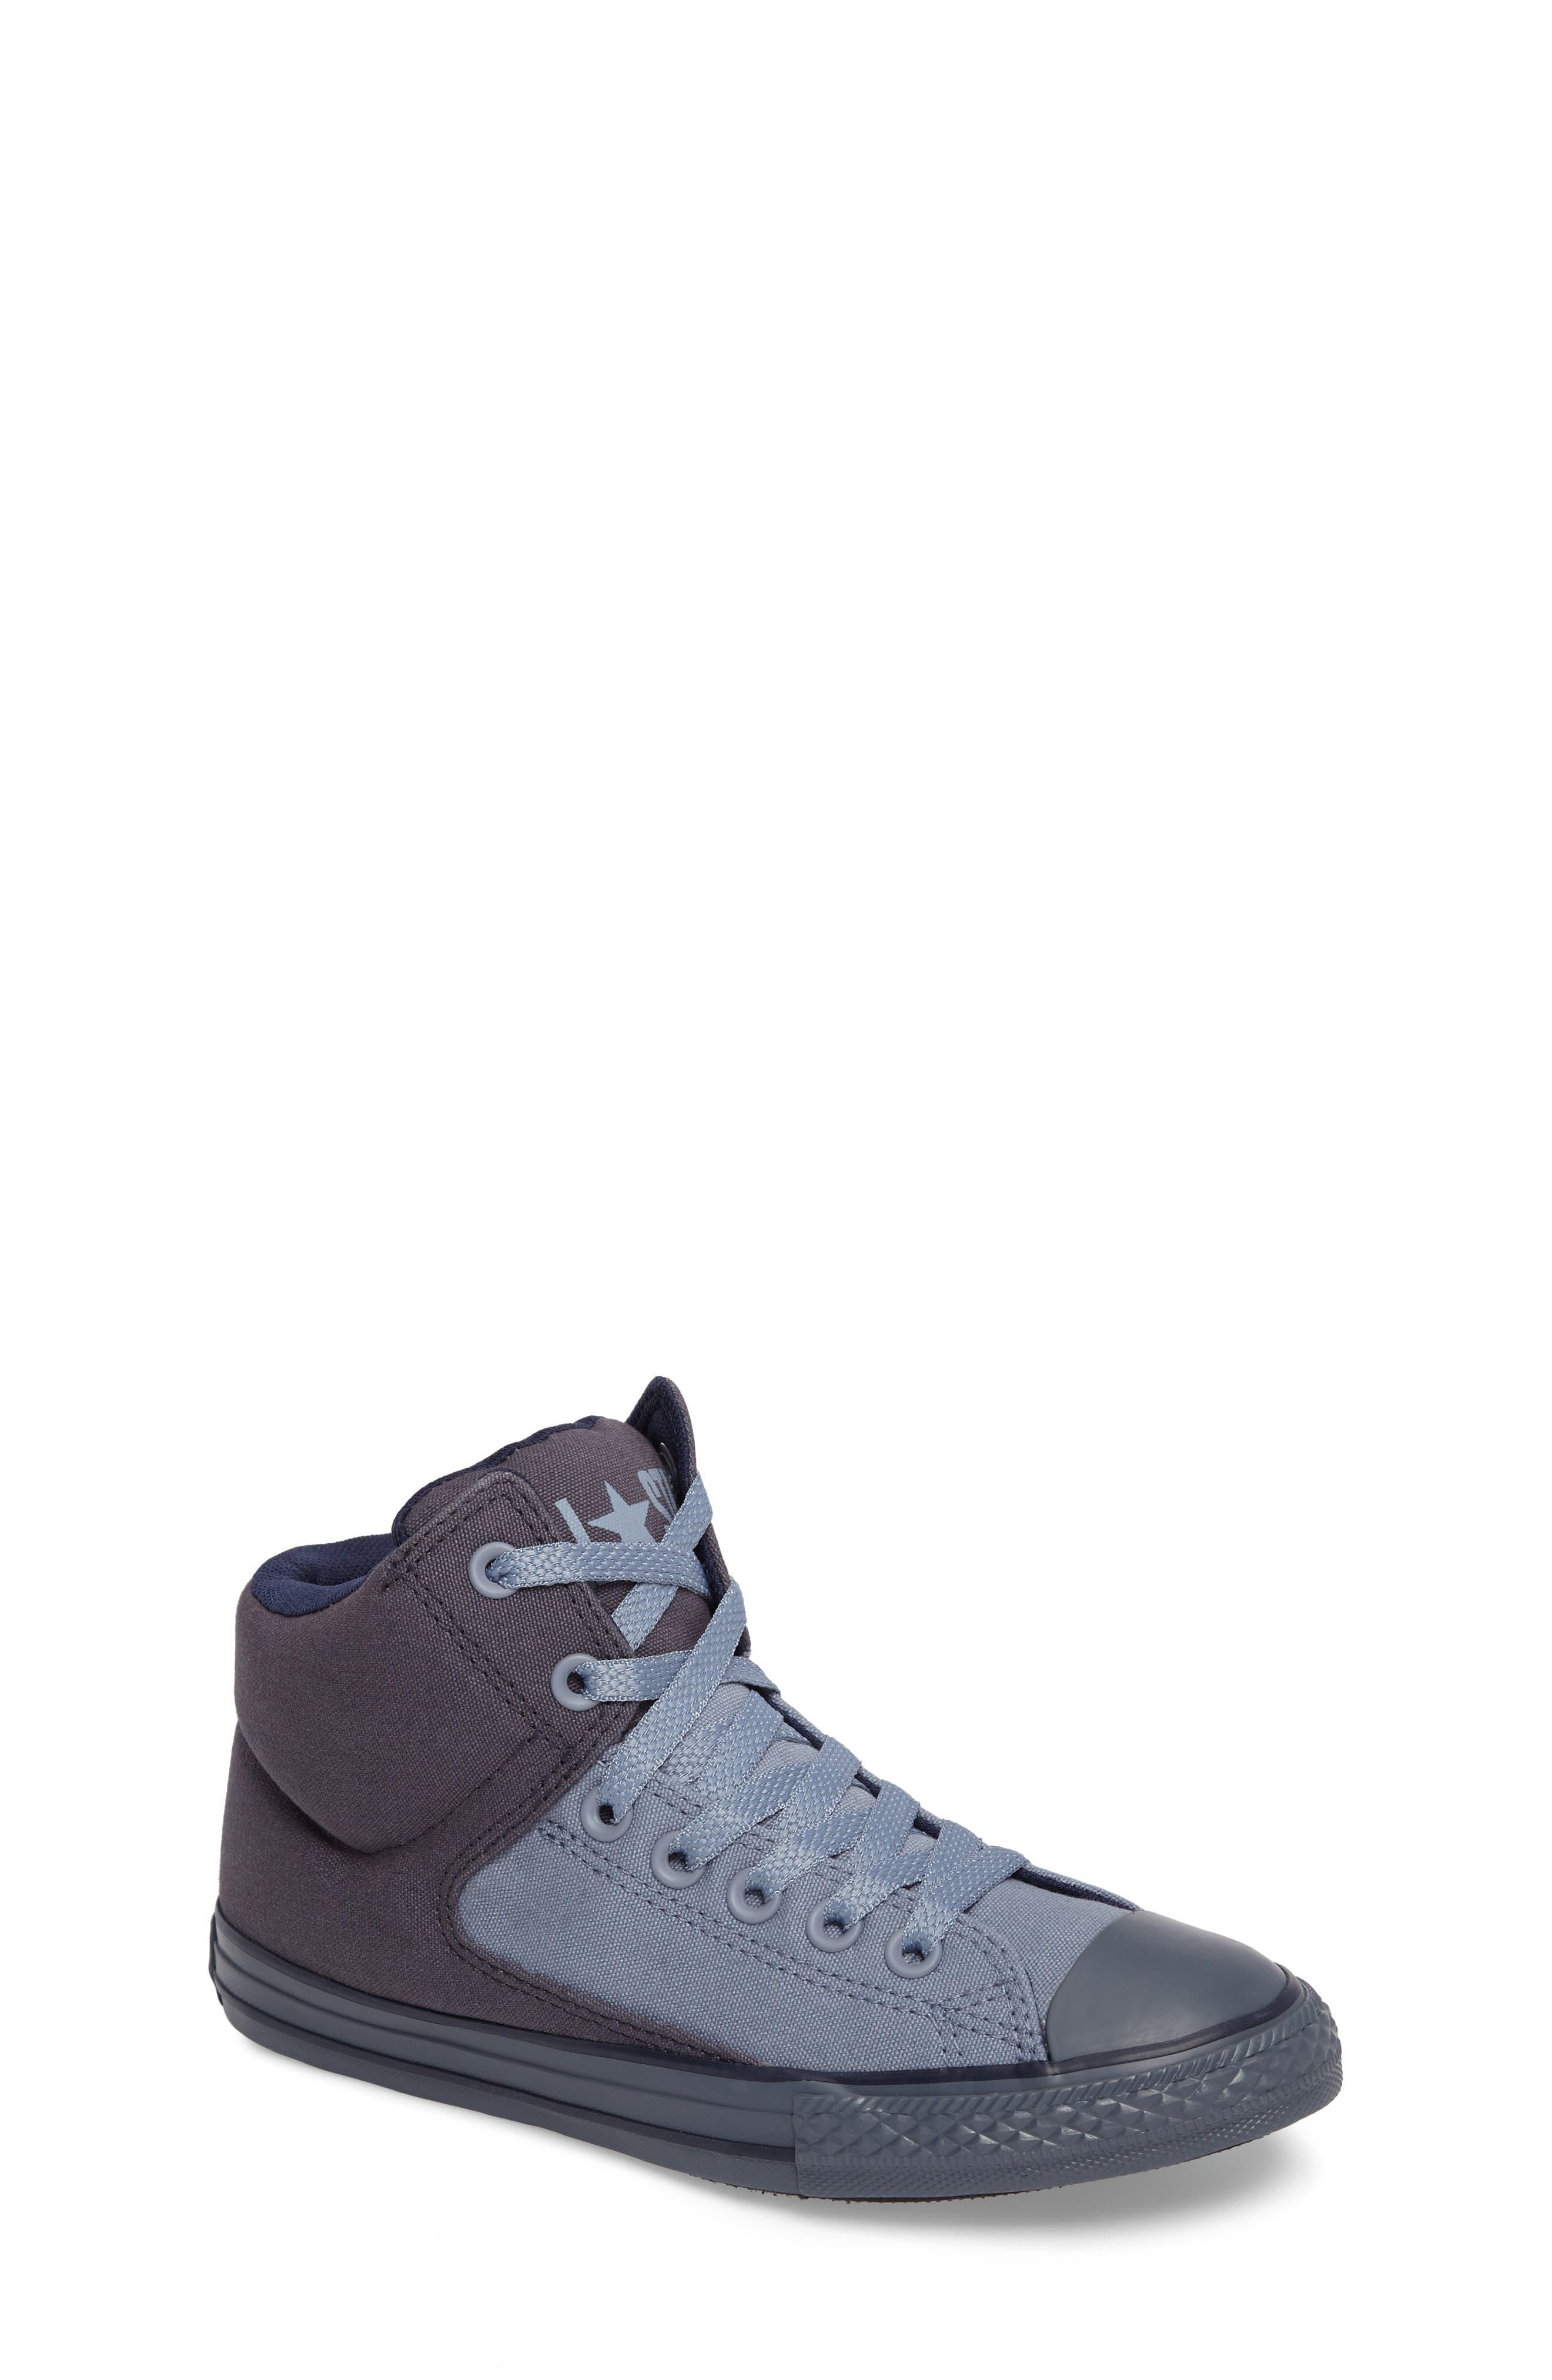 Converse Chuck Taylor® All Star® High Street High Top Sneaker (Baby, Walker, Toddler, Little Kid & Big Kid)